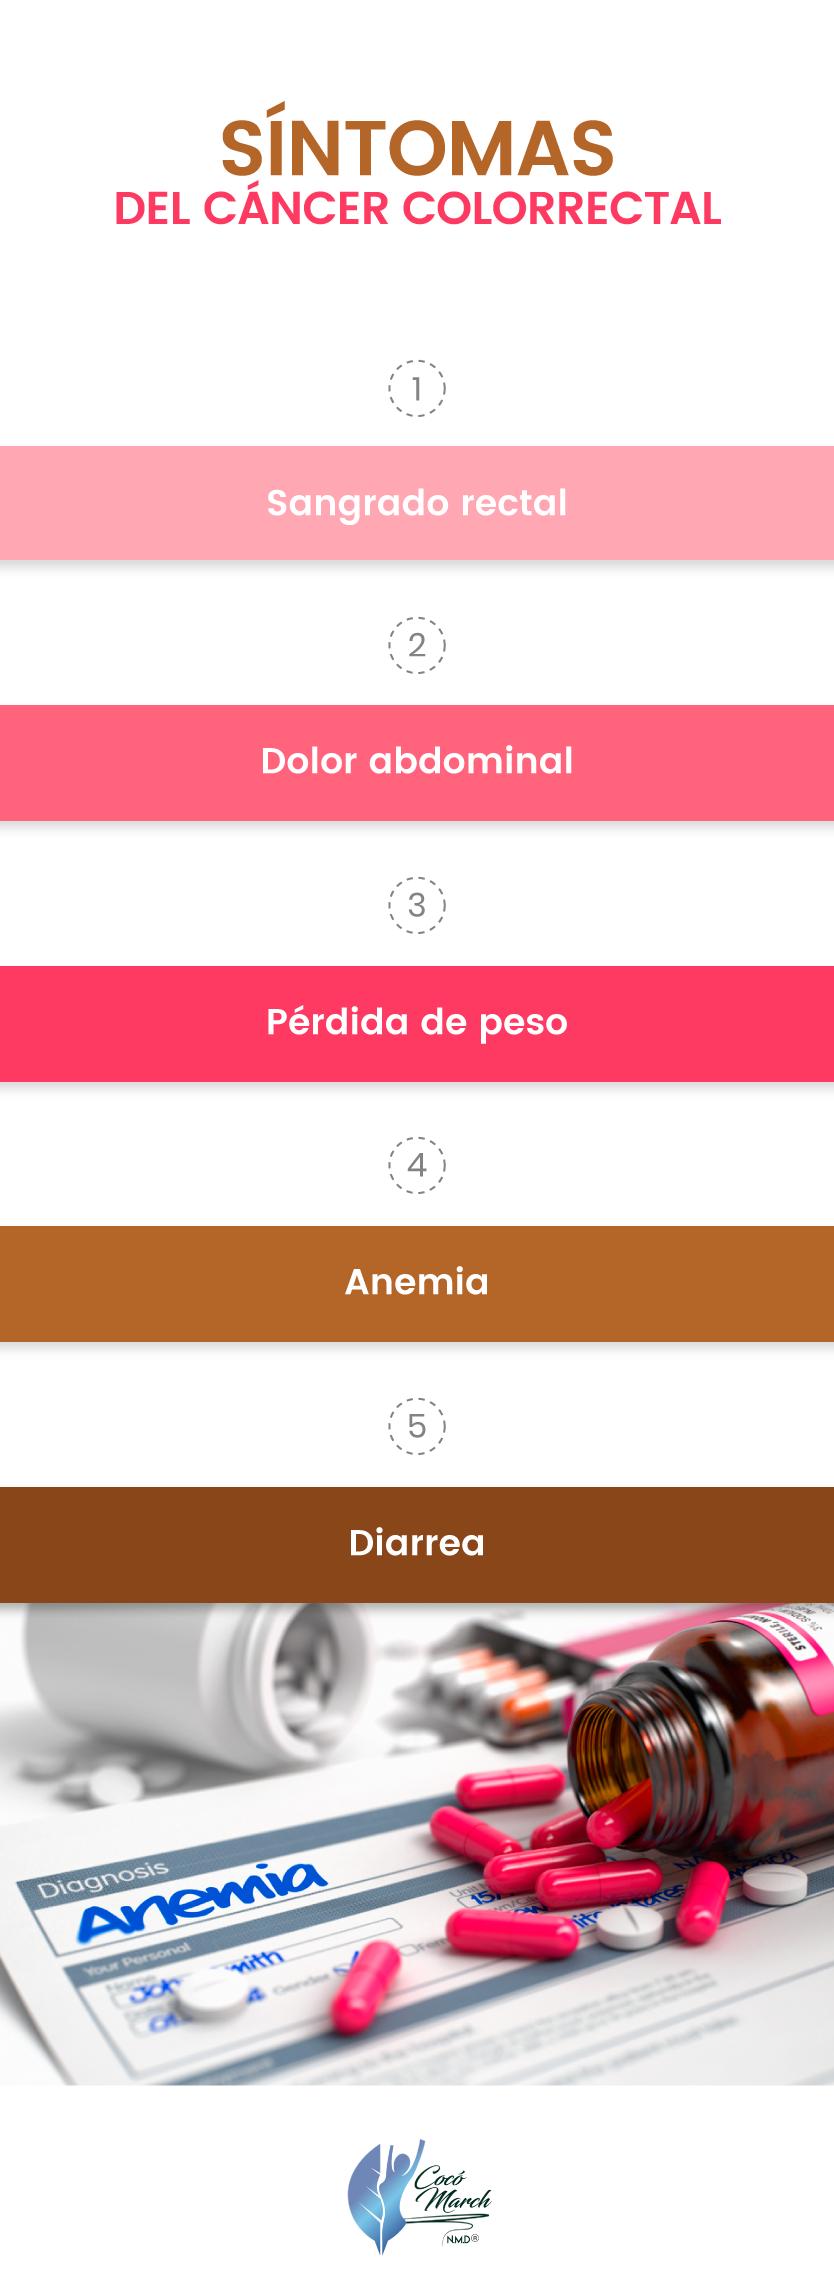 sintomas-del-cancer-colorrectal